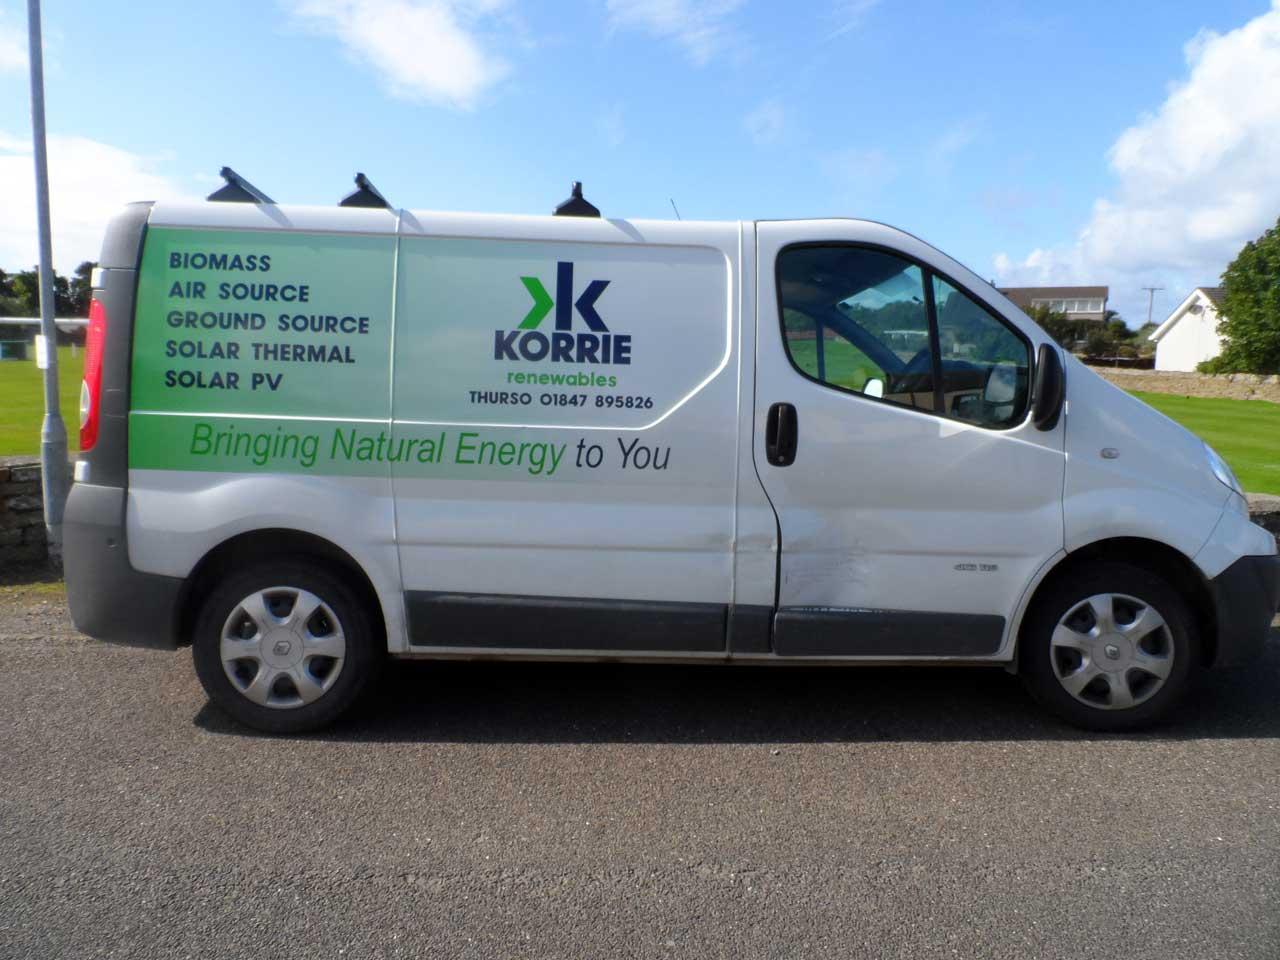 Photo: Korrie Renewables